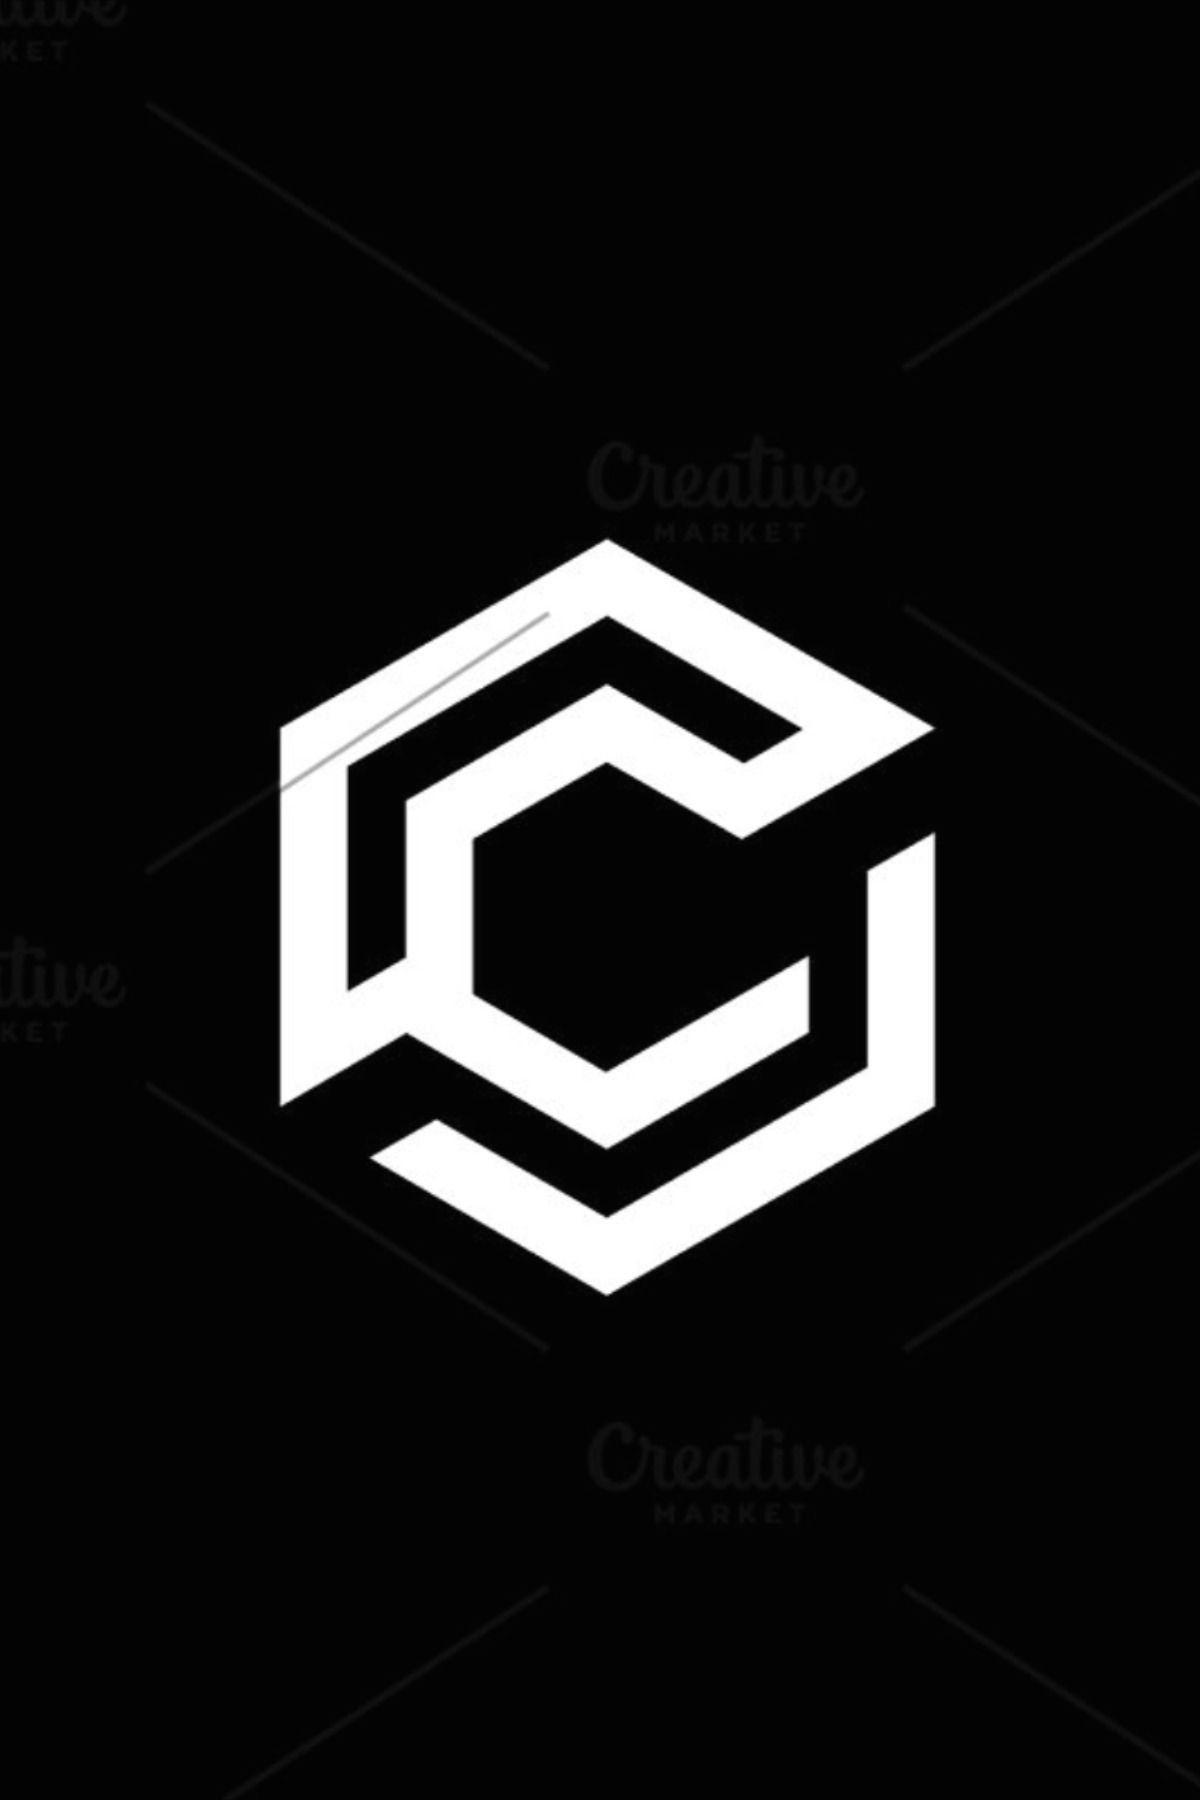 Abstract Letter C Vector Logo Icon 1000 Logo Design Typography Letter Logo Design Geometric Logo Design